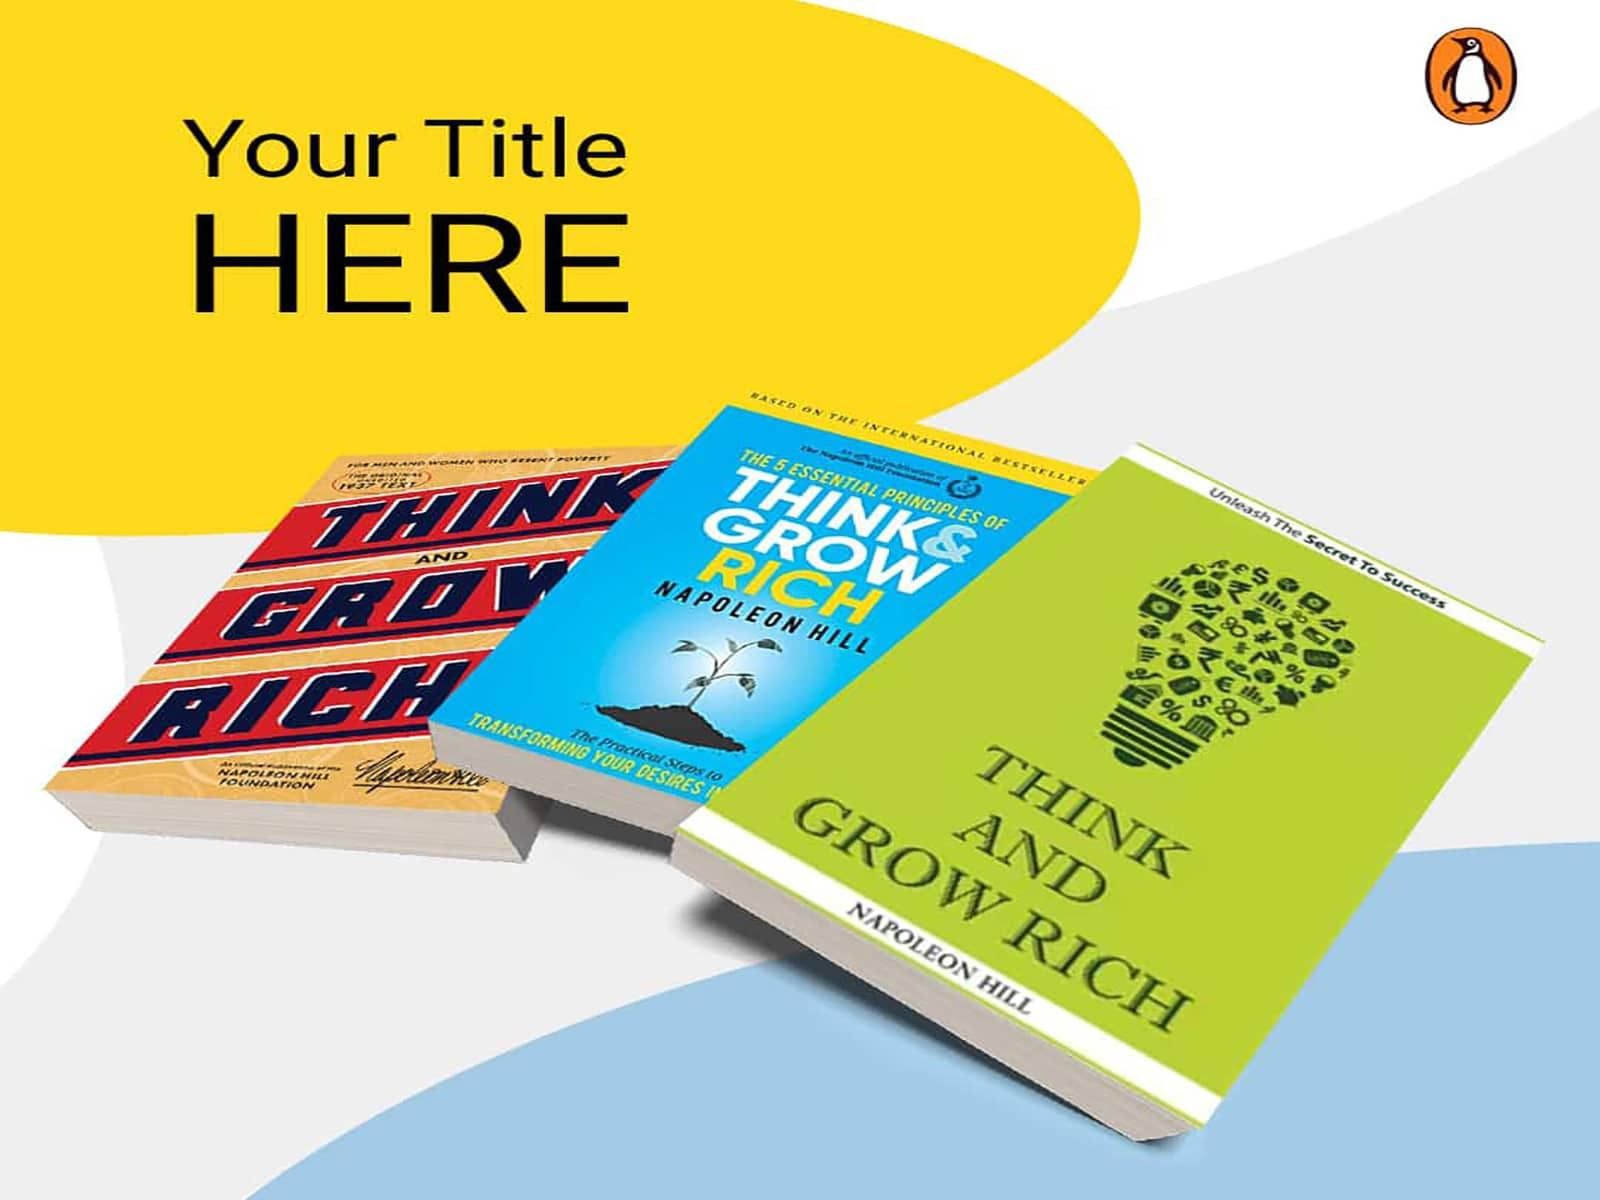 Book-Promotion-Mockup